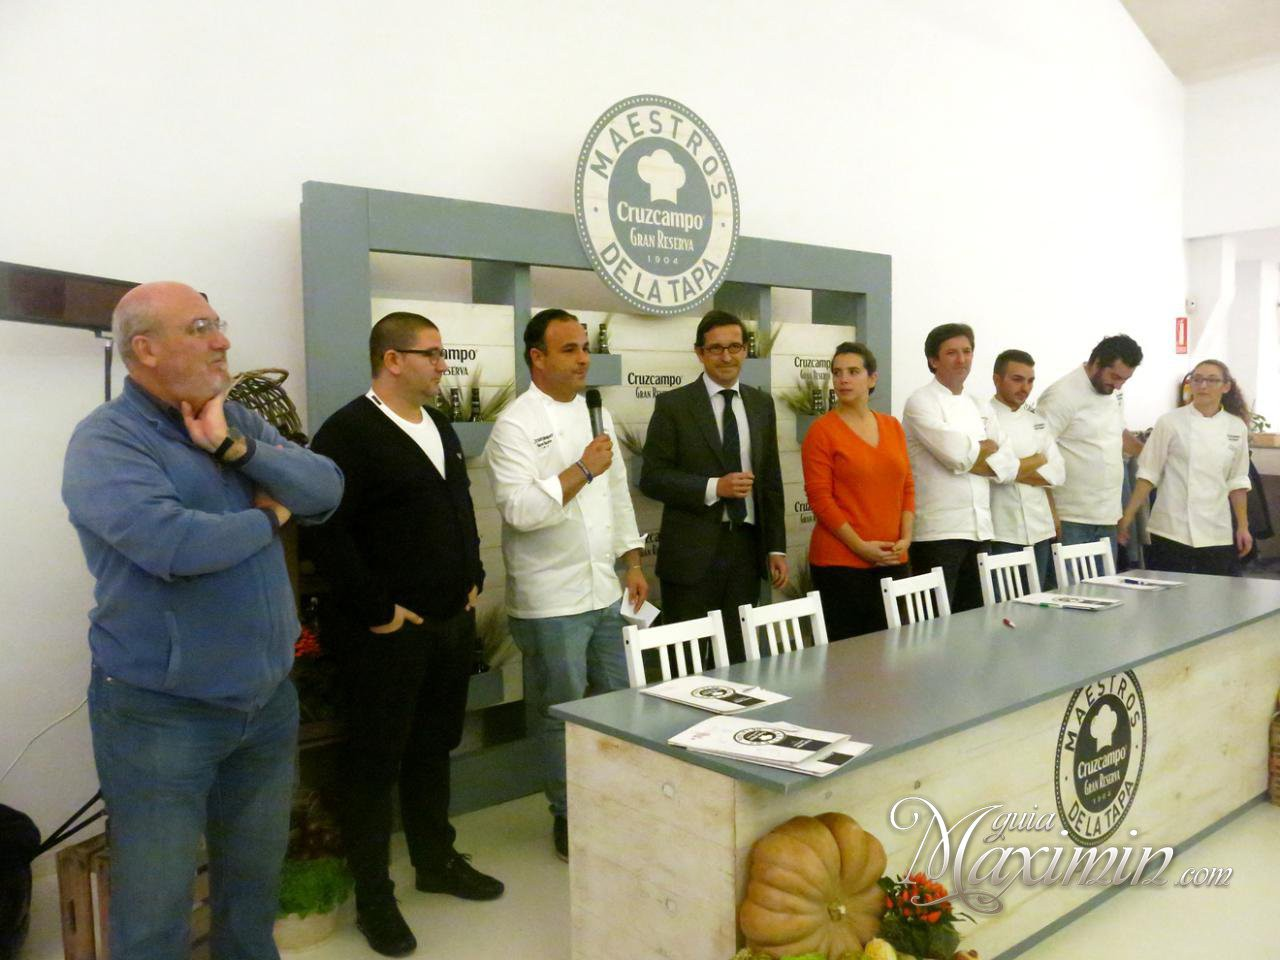 Final de la 3 edici n del concurso maestros de la tapa for Concurso para maestros